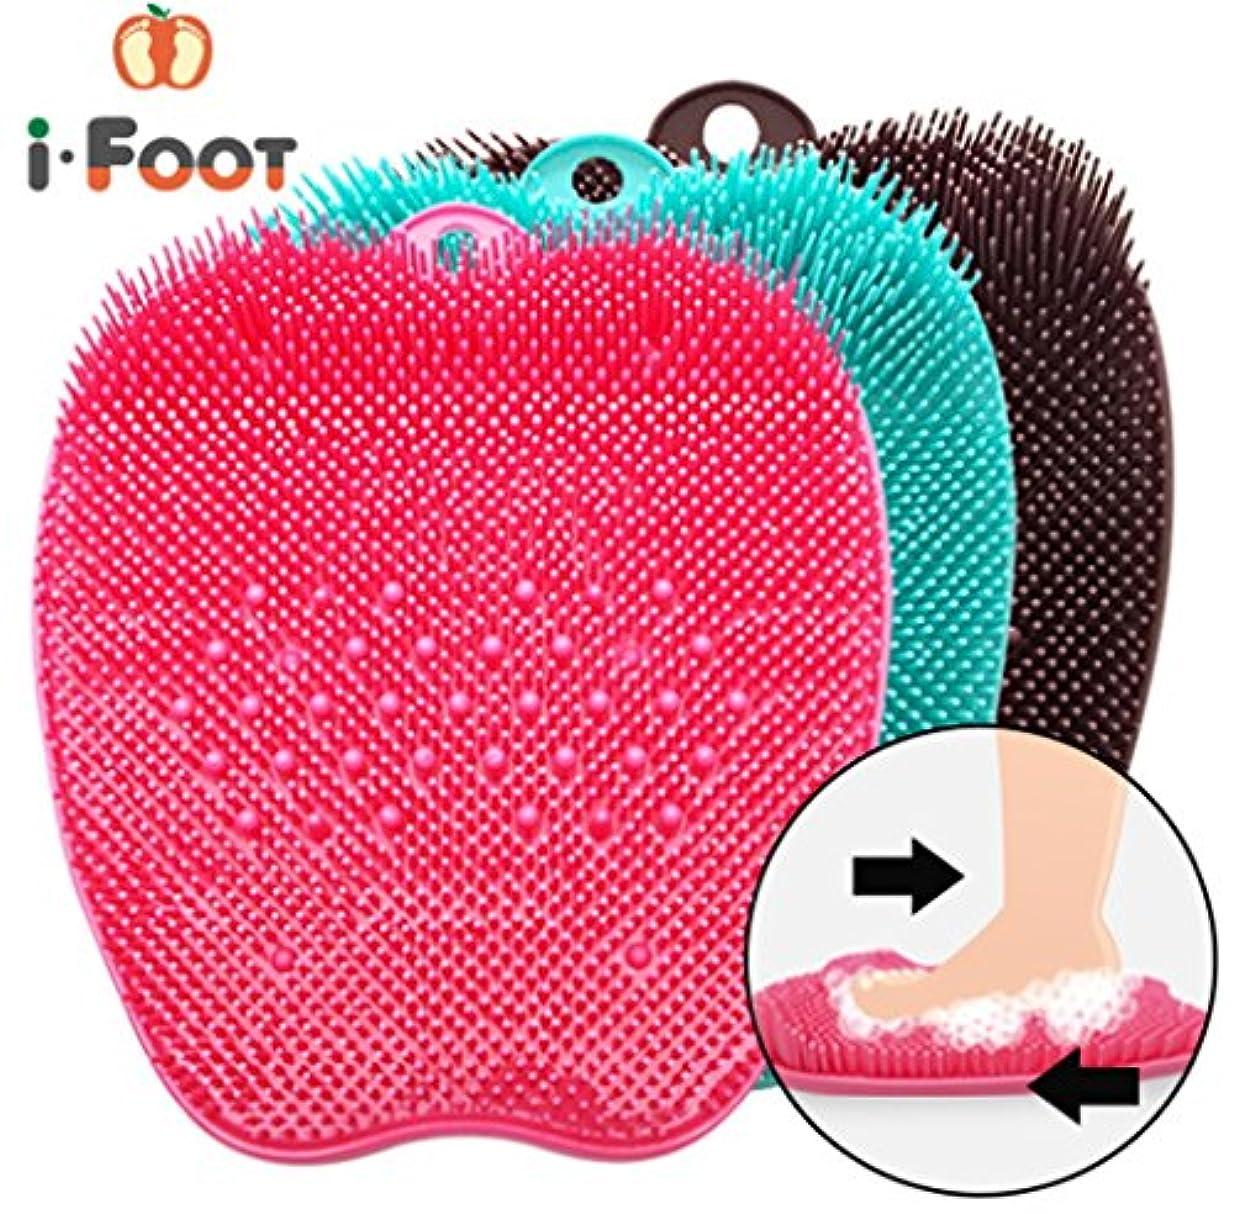 立証する動物余韻[アイフット] I-Foot 足ブラシ 角質除去 足の臭い除去 足ケア 洗浄 指圧版 マッサージ 半永久的使用 海外直送品 (Foot Brush Exfoliation Foot Odor Removal Foot Care...